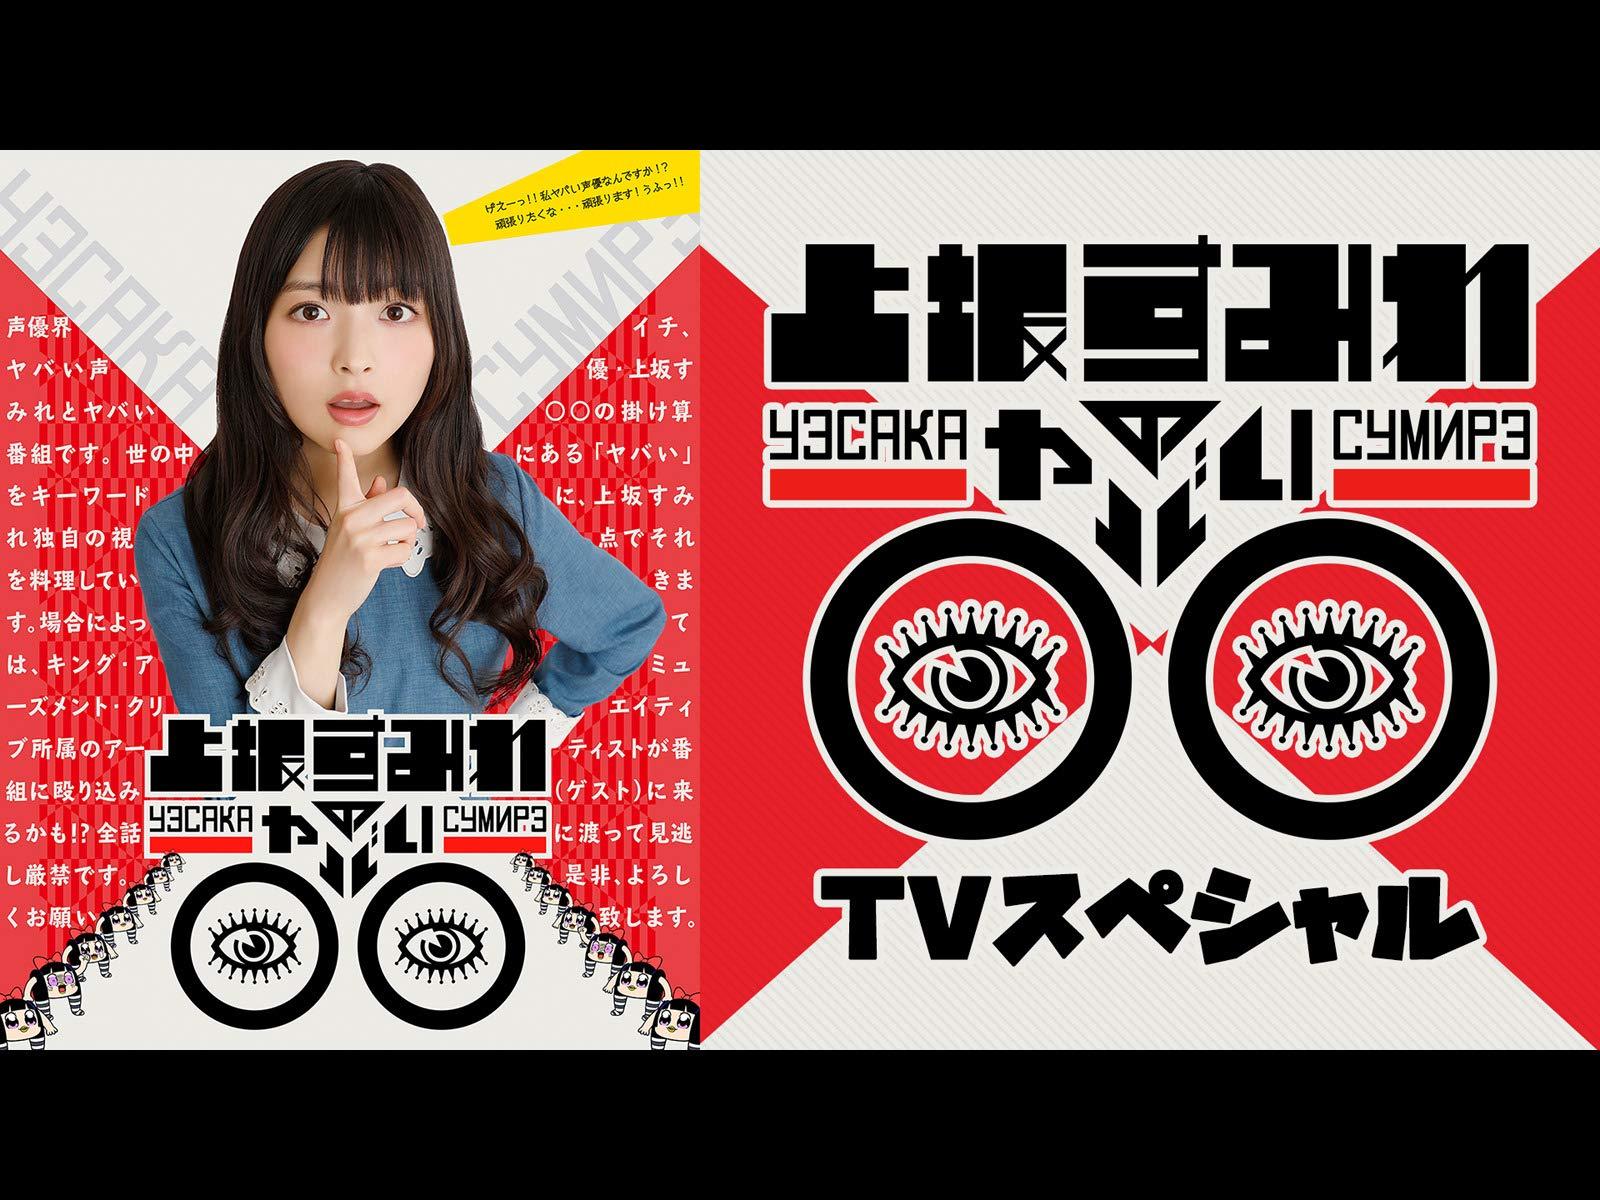 Amazon Co Jp 上坂すみれのヤバい tvスペシャル Dアニメストア